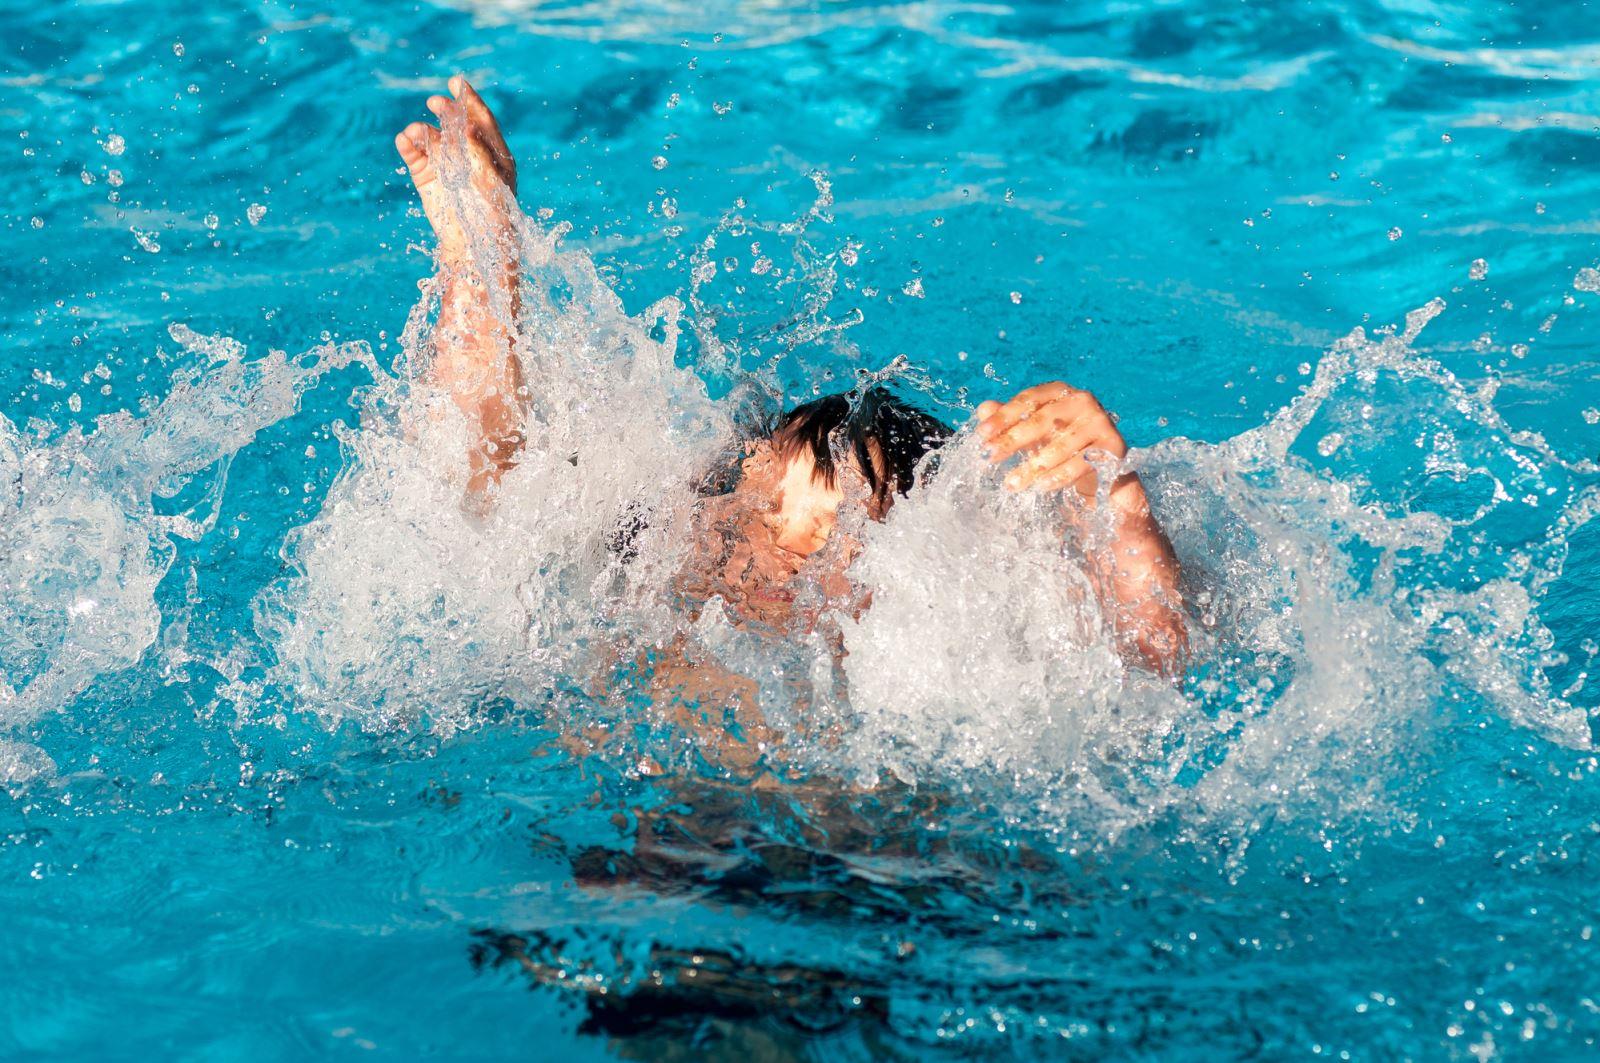 נפטרה הפעוטה שטבעה בבריכה פרטית